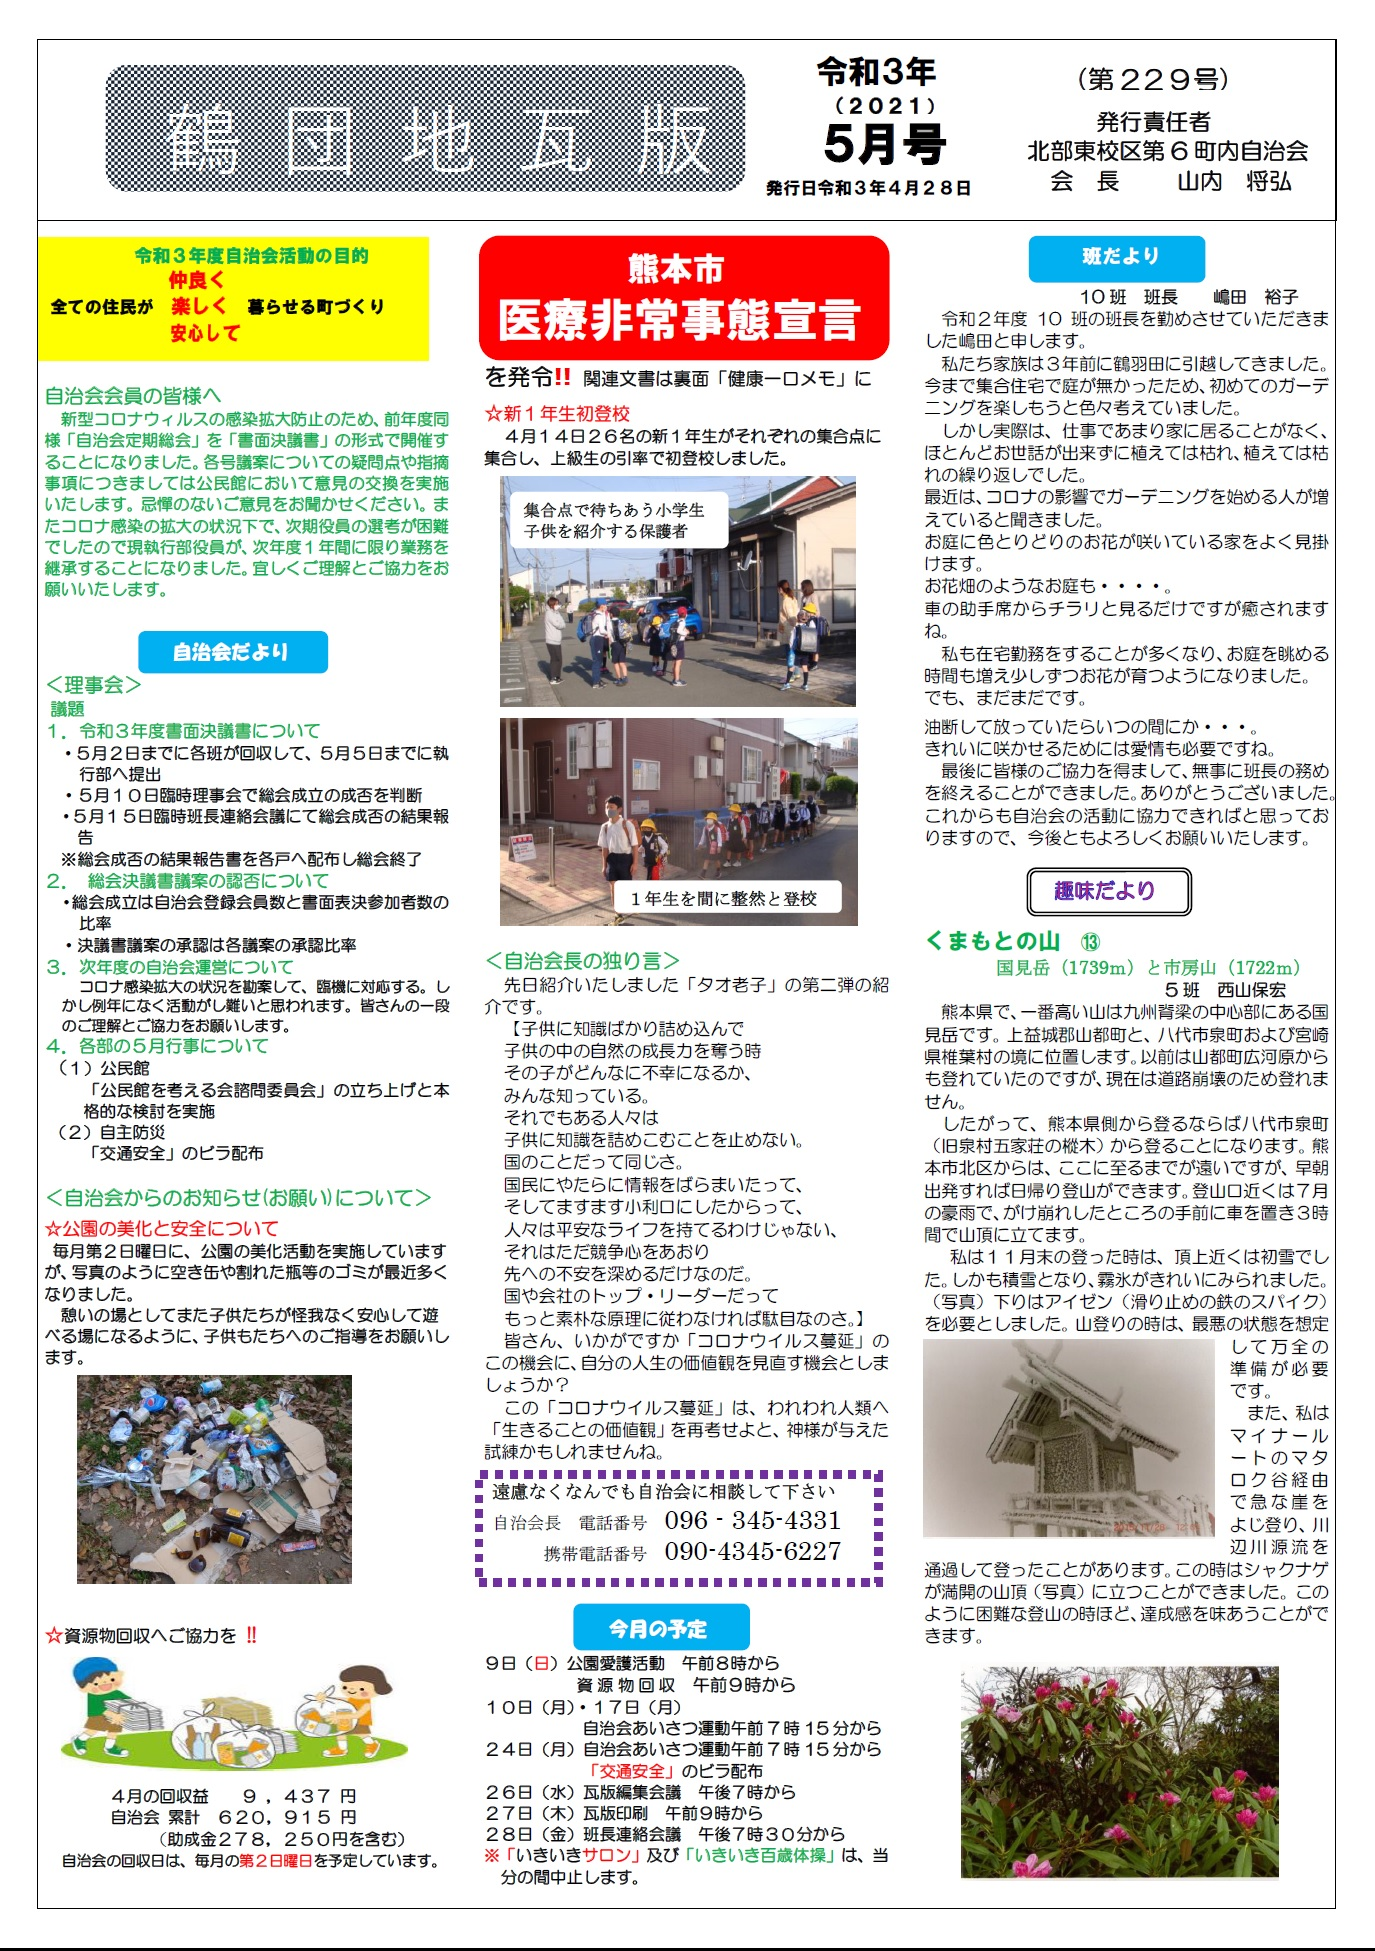 鶴団地瓦版(令和3年5月)表